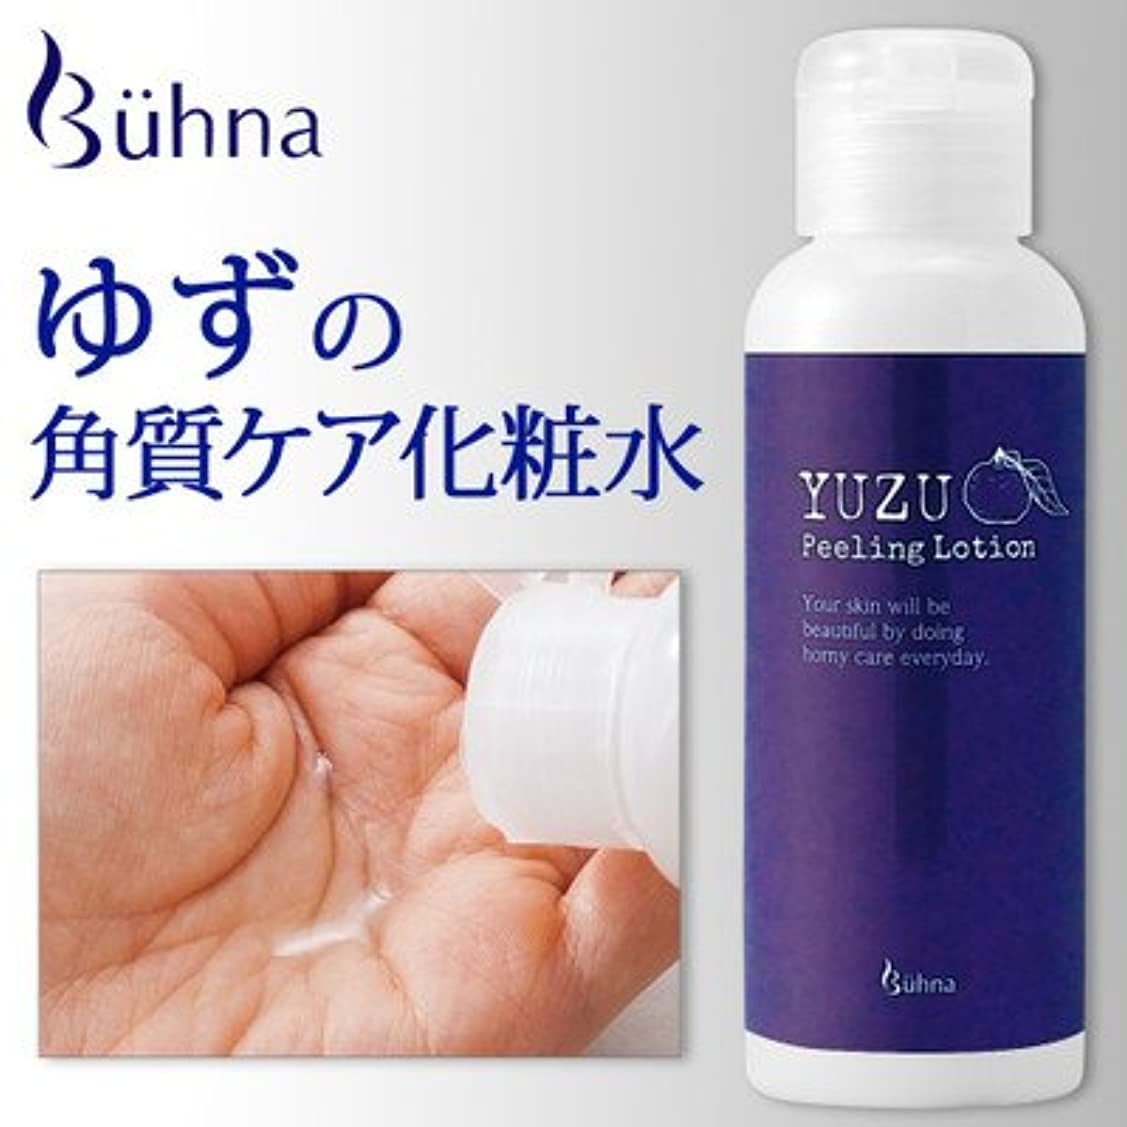 ブリード物足りない星お肌にやさしい角質ケア ビューナ ゆずの角質ケア化粧水